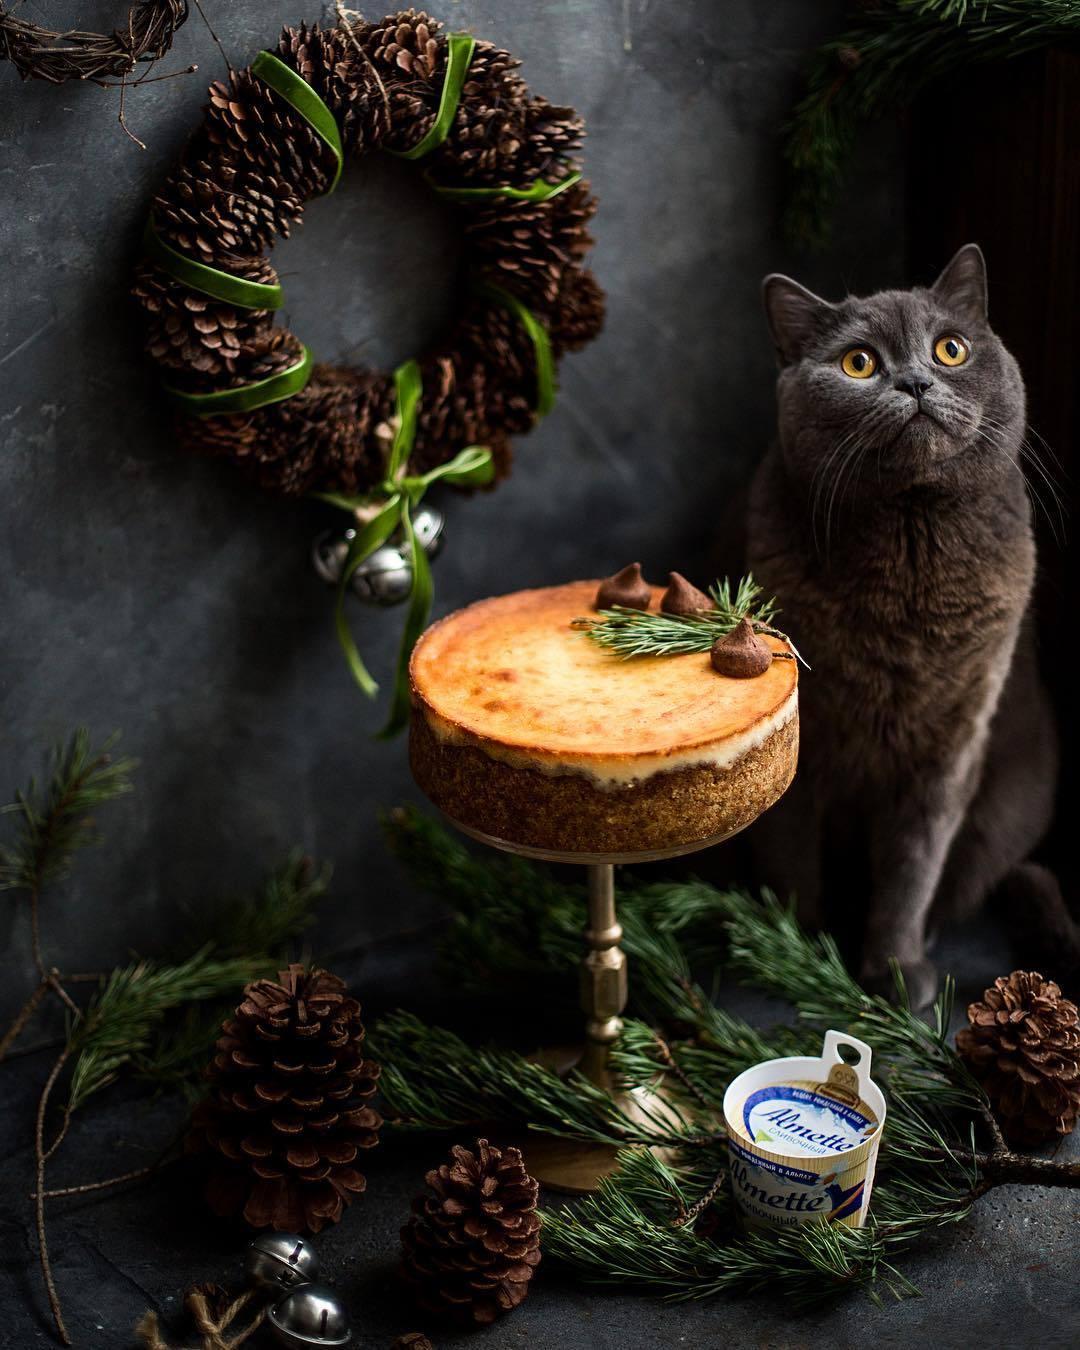 宠物-这位漂亮的美女蛋糕师,让猫咪来为蛋糕代言,将平淡无奇的蛋糕化腐朽为神奇(40)